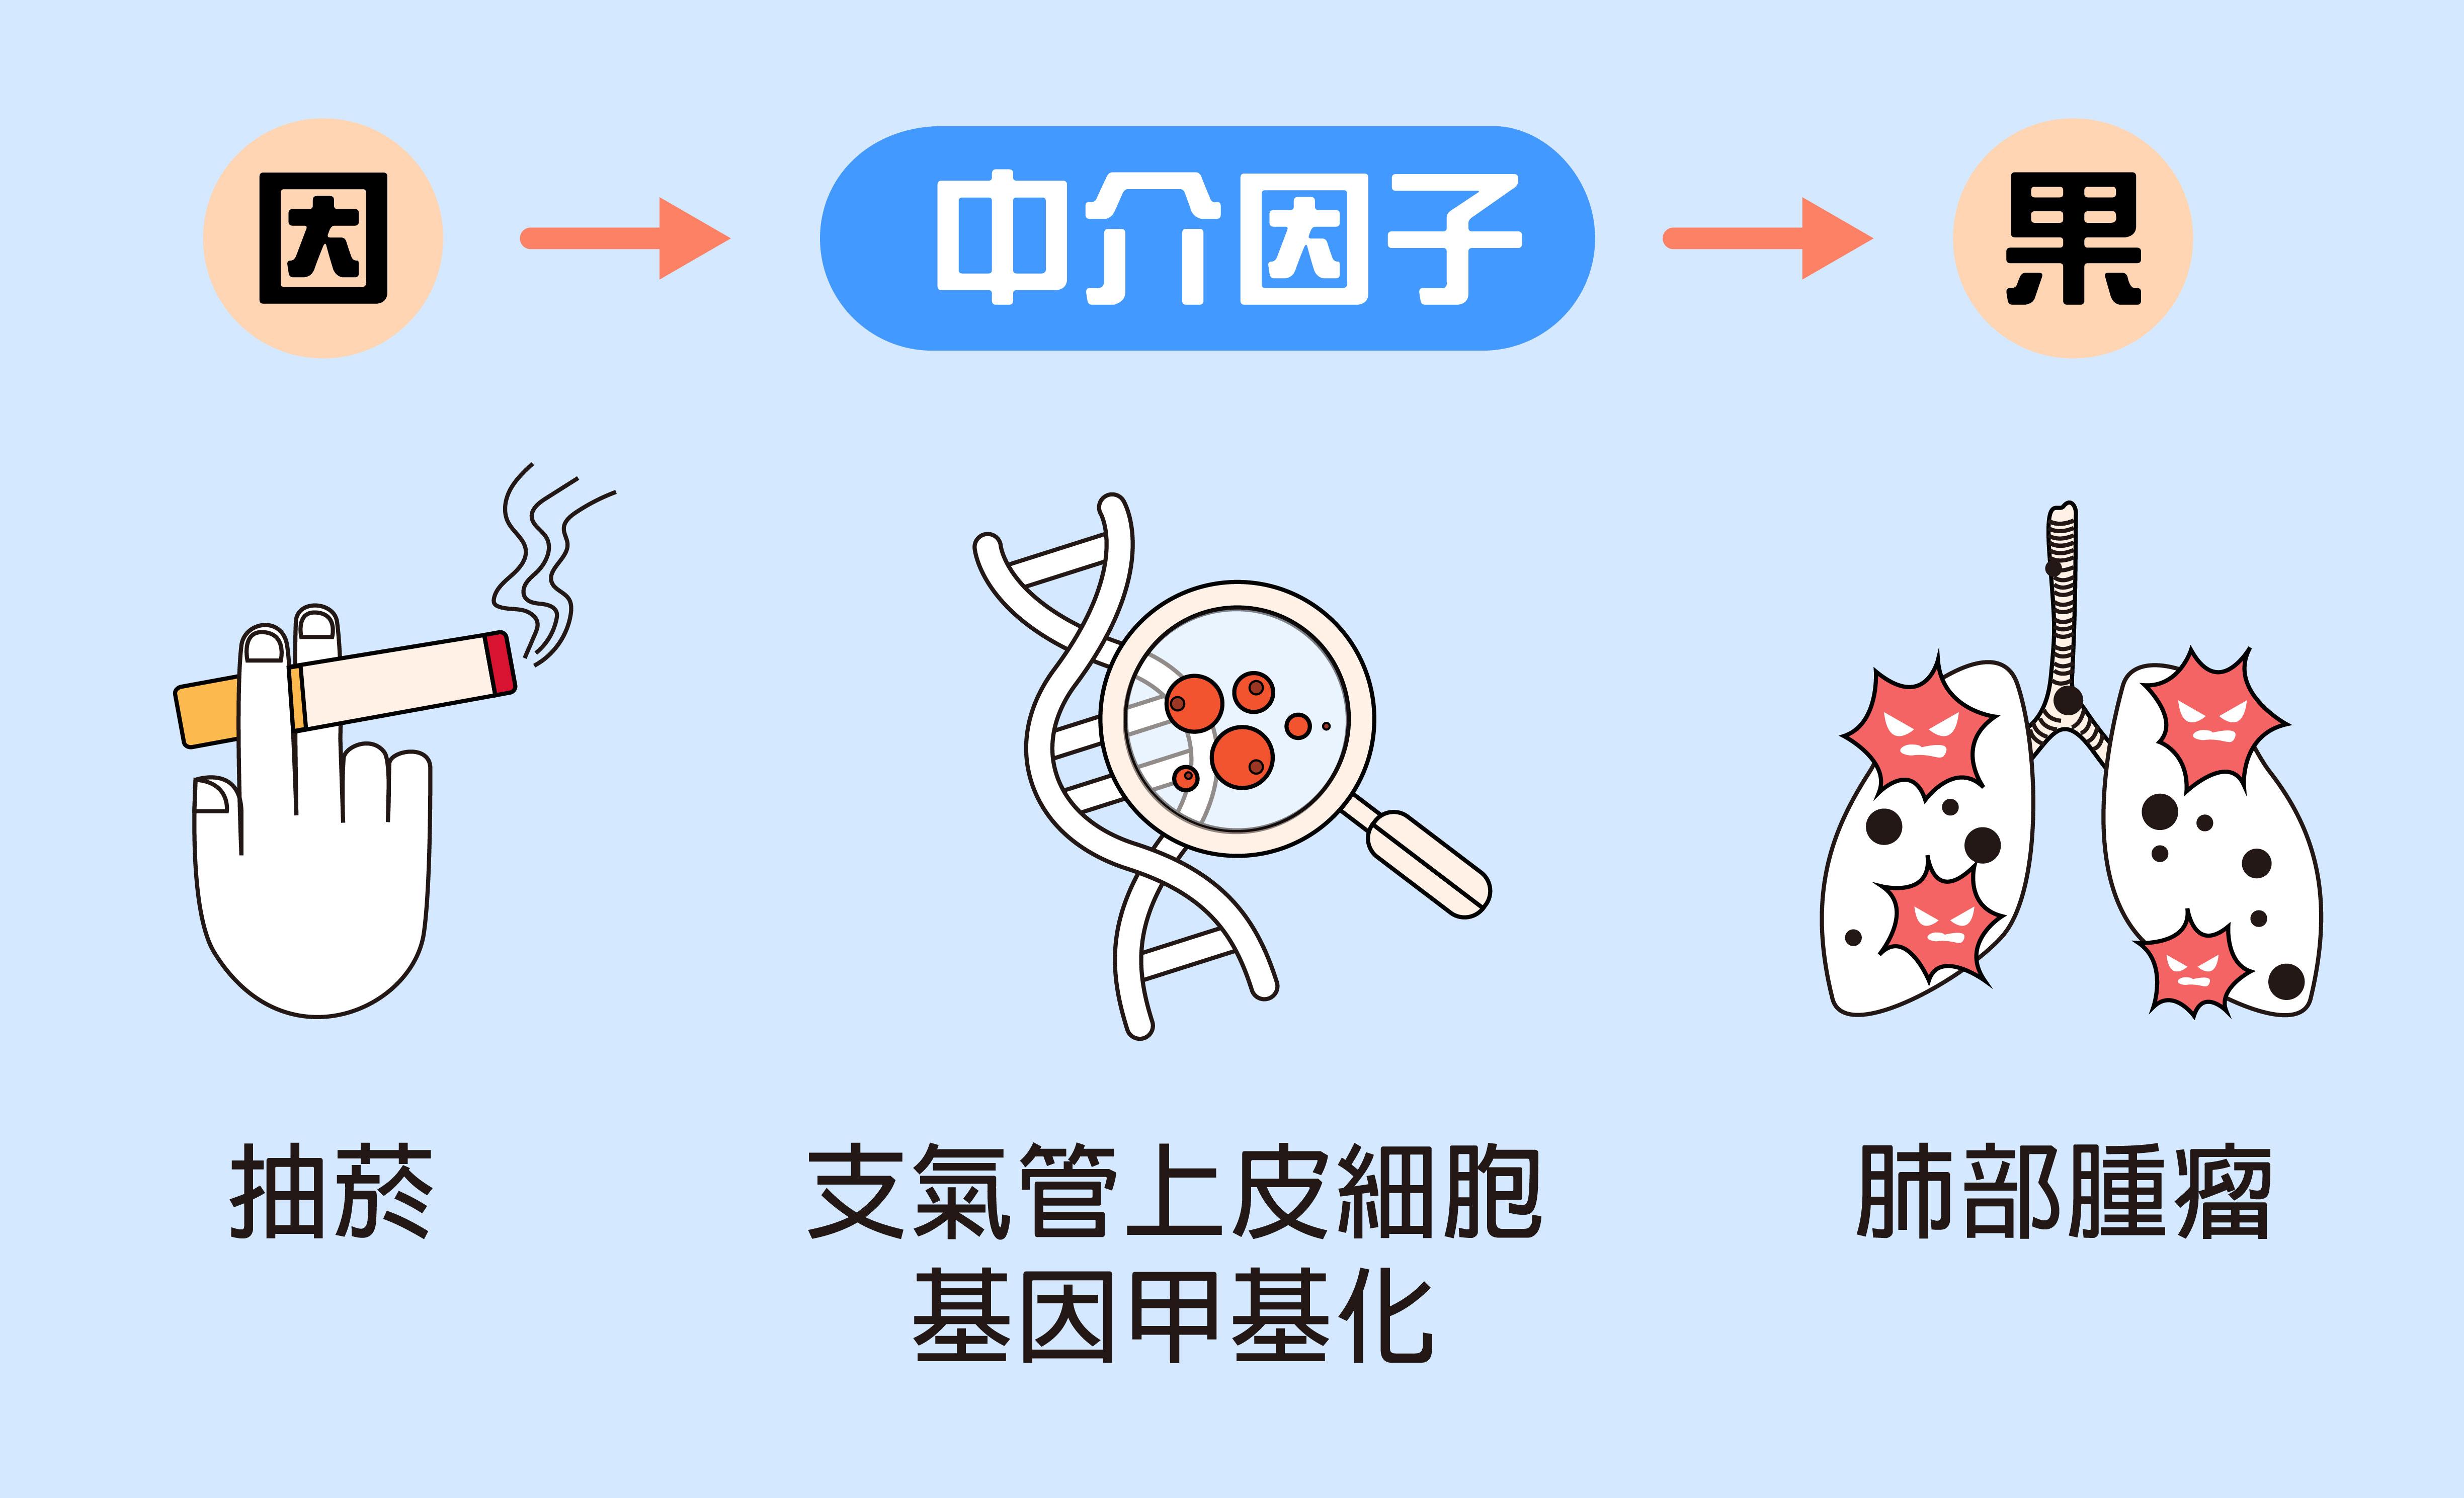 「因果中介模型」在於找出因和果中間發生什麼事。例如抽菸到肺部產生腫瘤的過程中,是因為香菸所含物質導致細胞基因產生變異(甲基化)。資料來源│黃彥棕 圖說設計│林婷嫻、林洵安